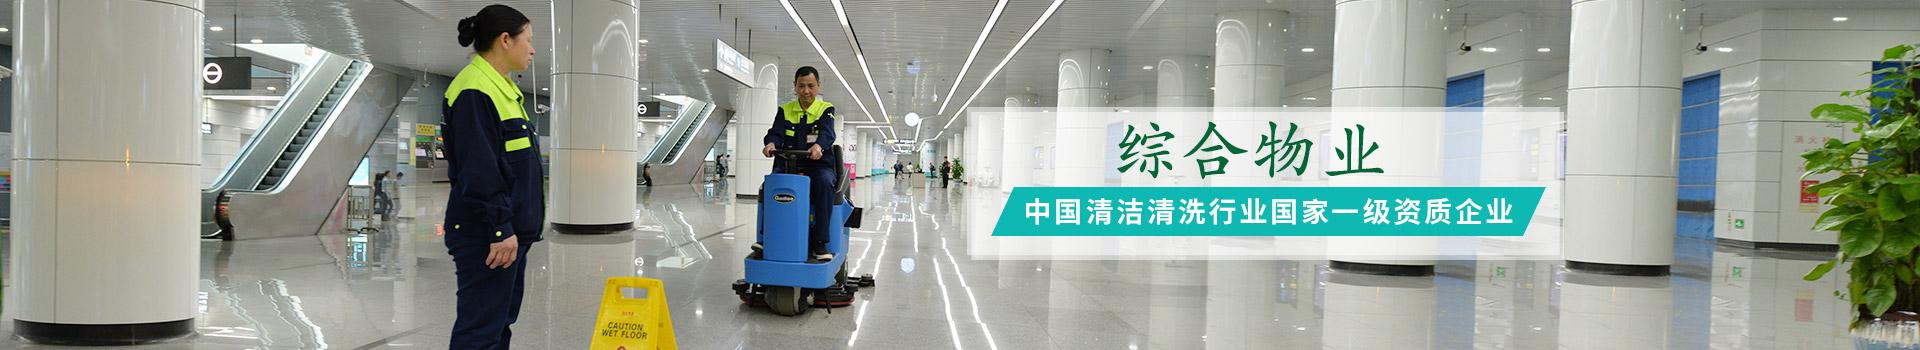 玉龙环保-中国清洁清洗行业国家一级资质企业